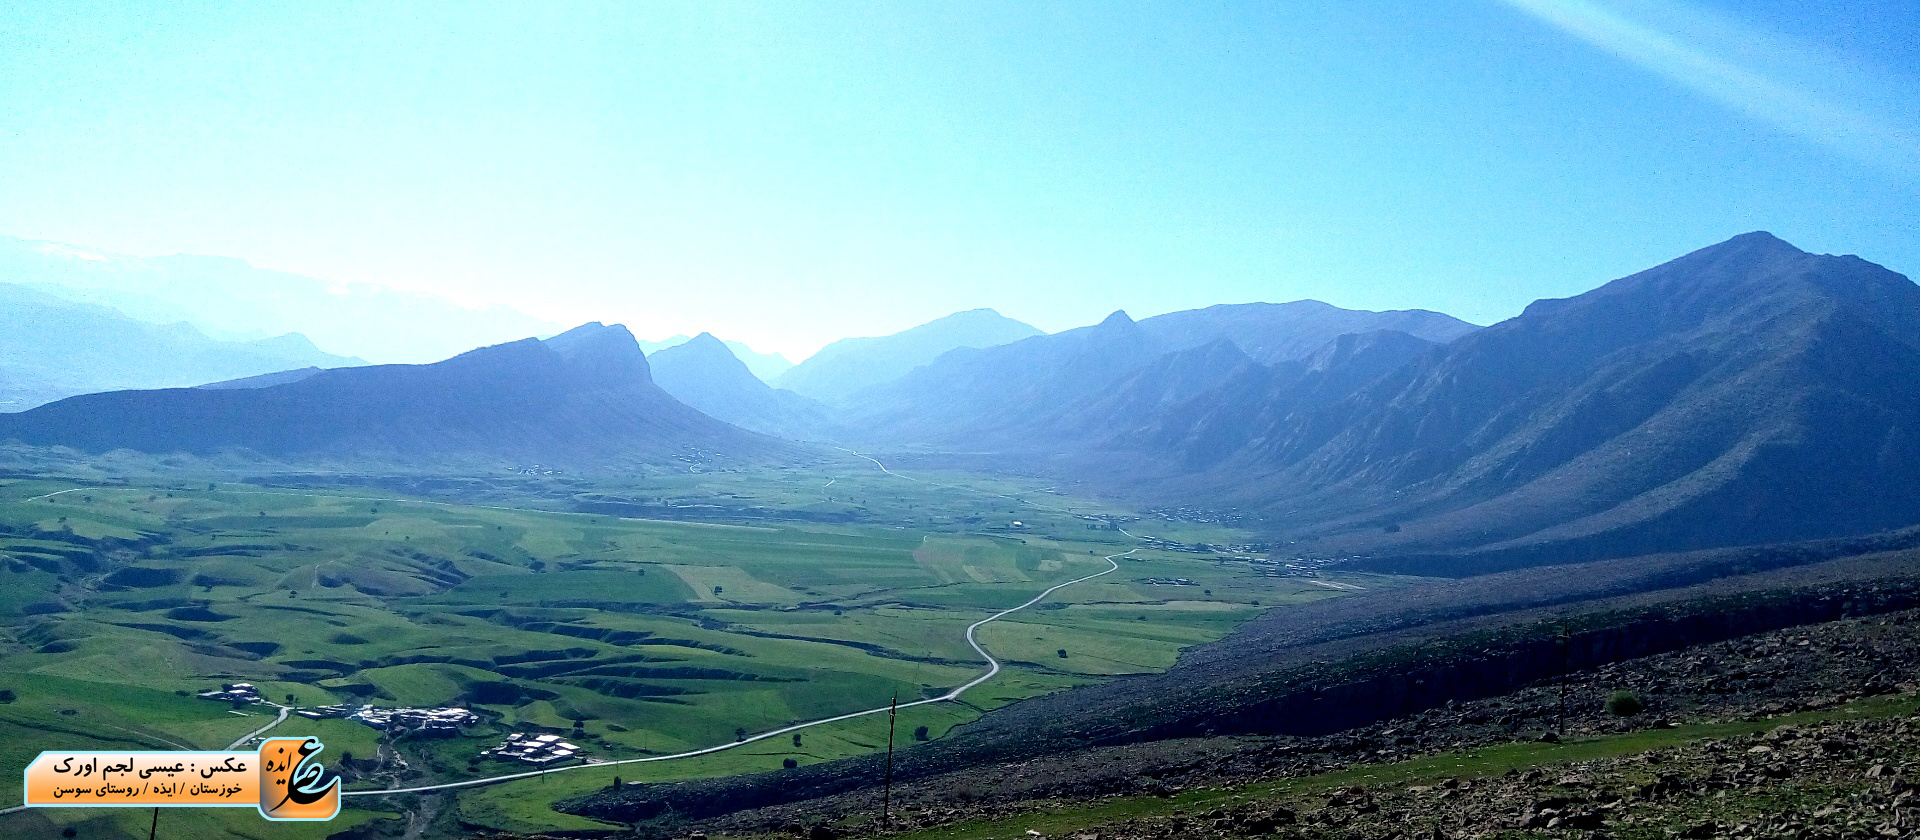 تصاویری زیبا از منطقه گردشگری سوسن